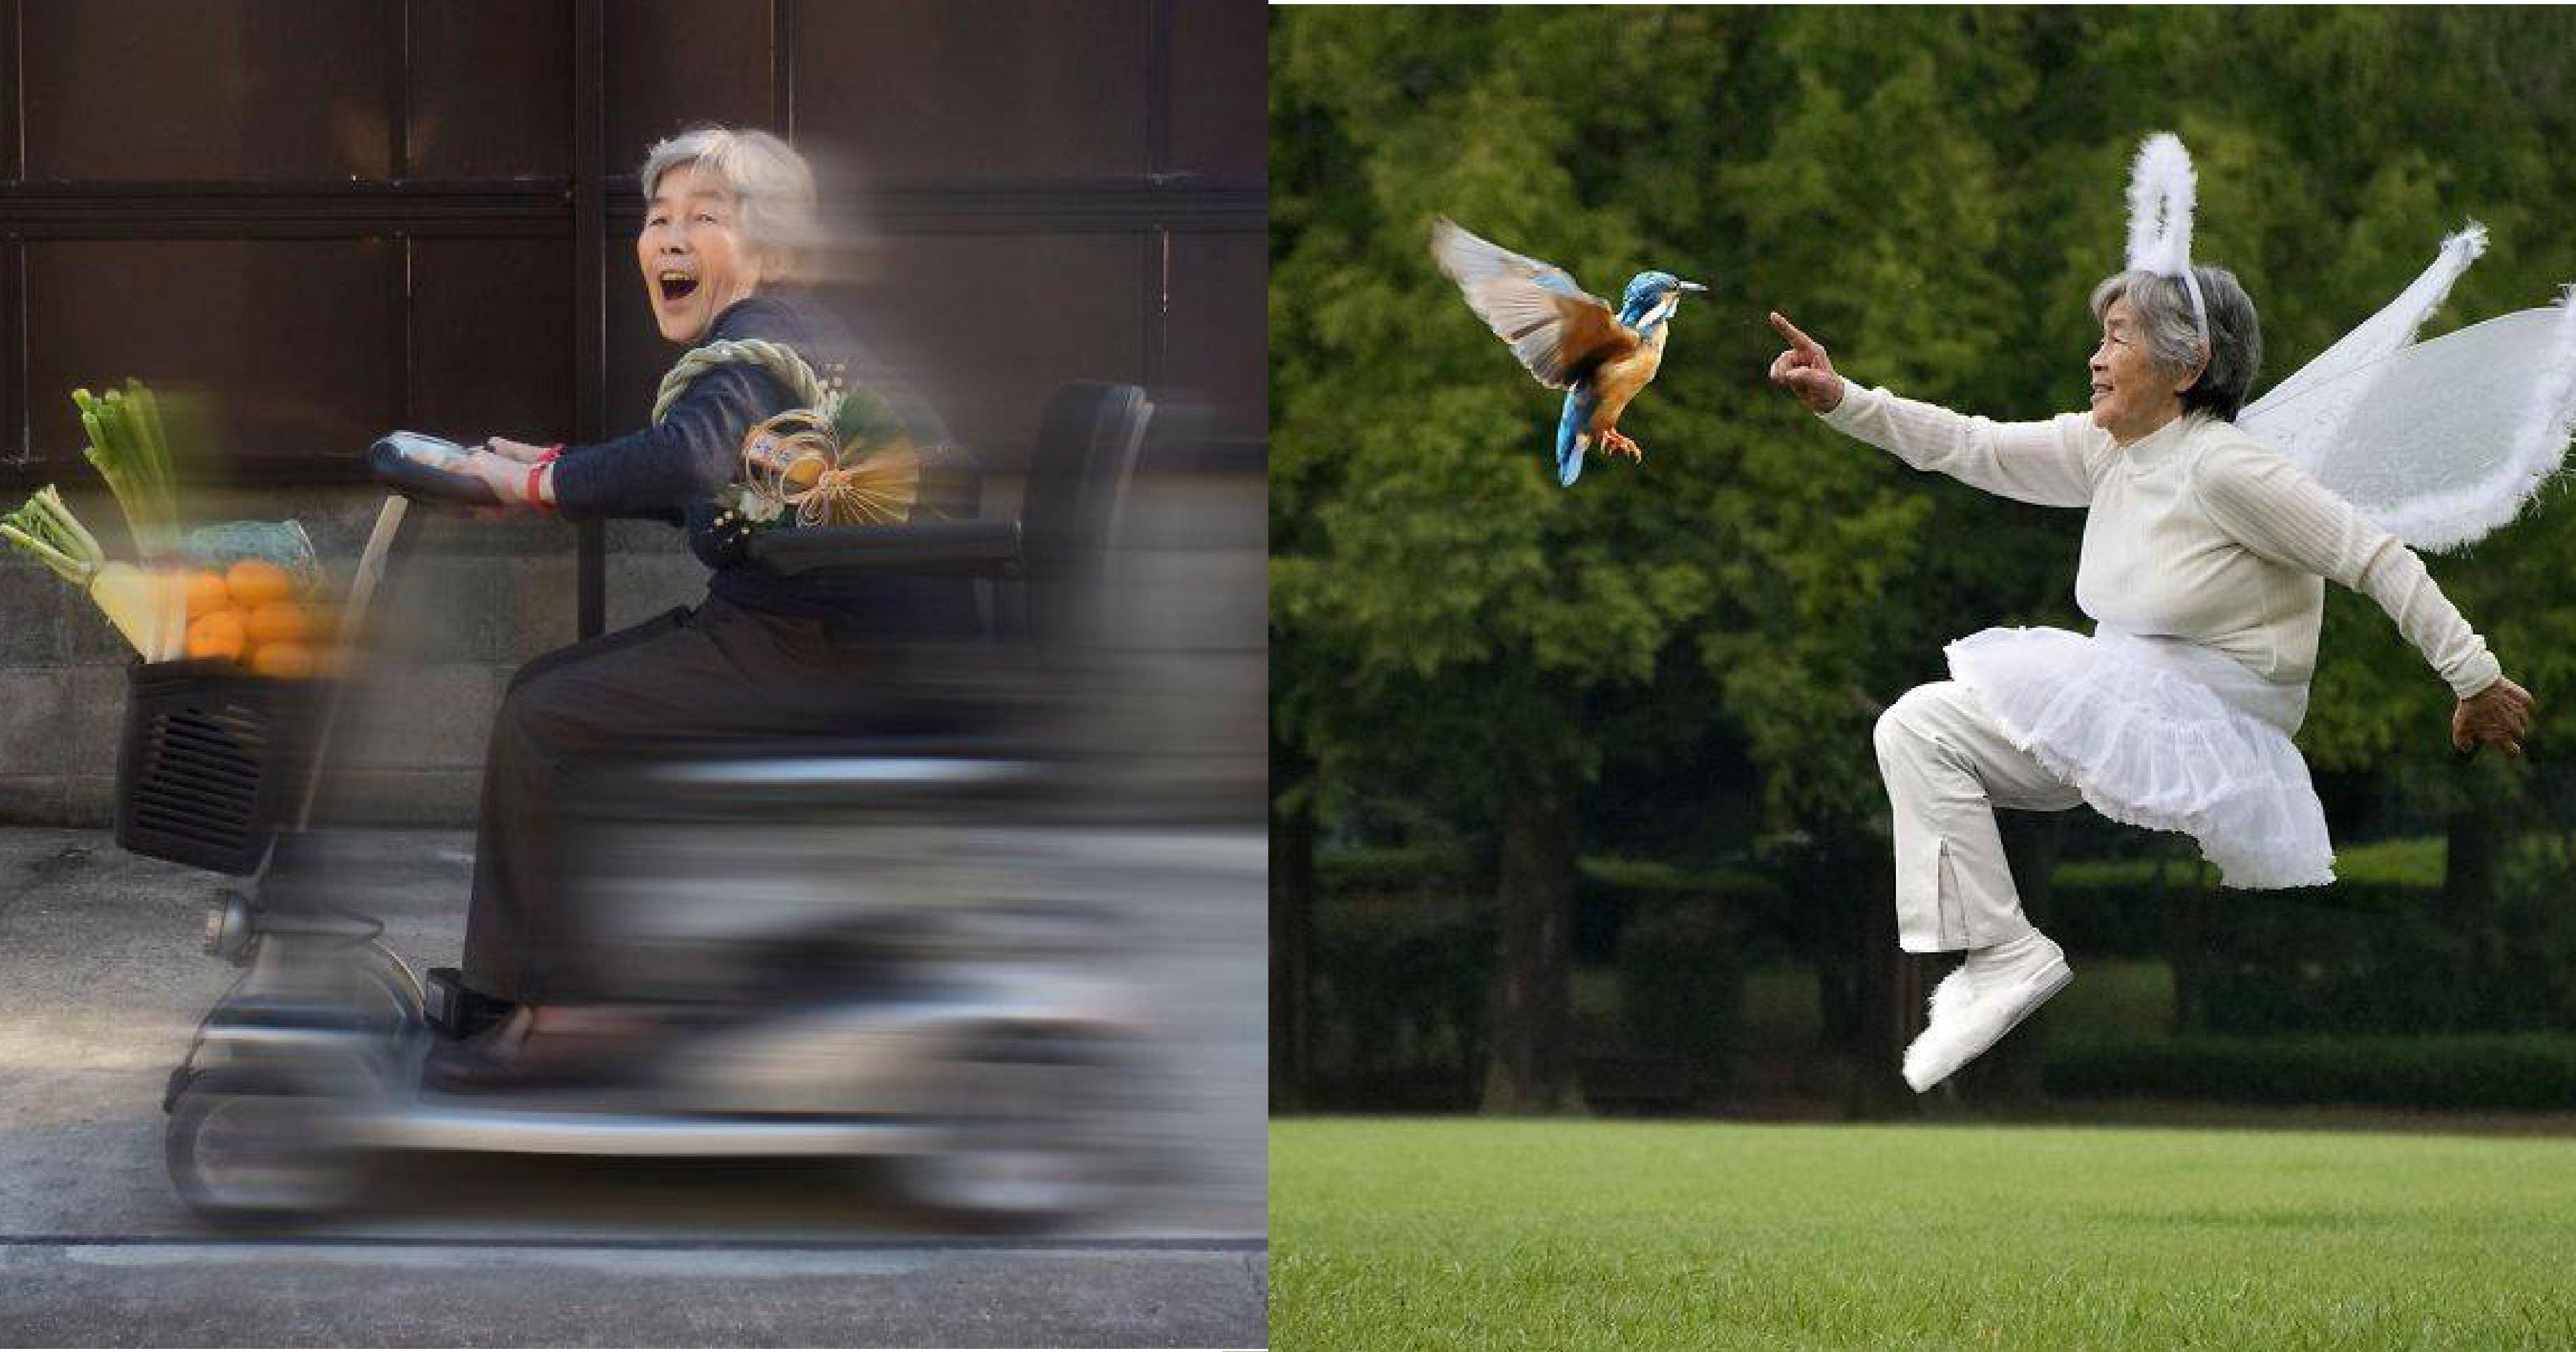 vonvone5b081e99da2 01 4.png?resize=648,365 - 最鬧自拍照又來了!89歲日本老奶奶化身自拍女王,愛上攝影就停不下來